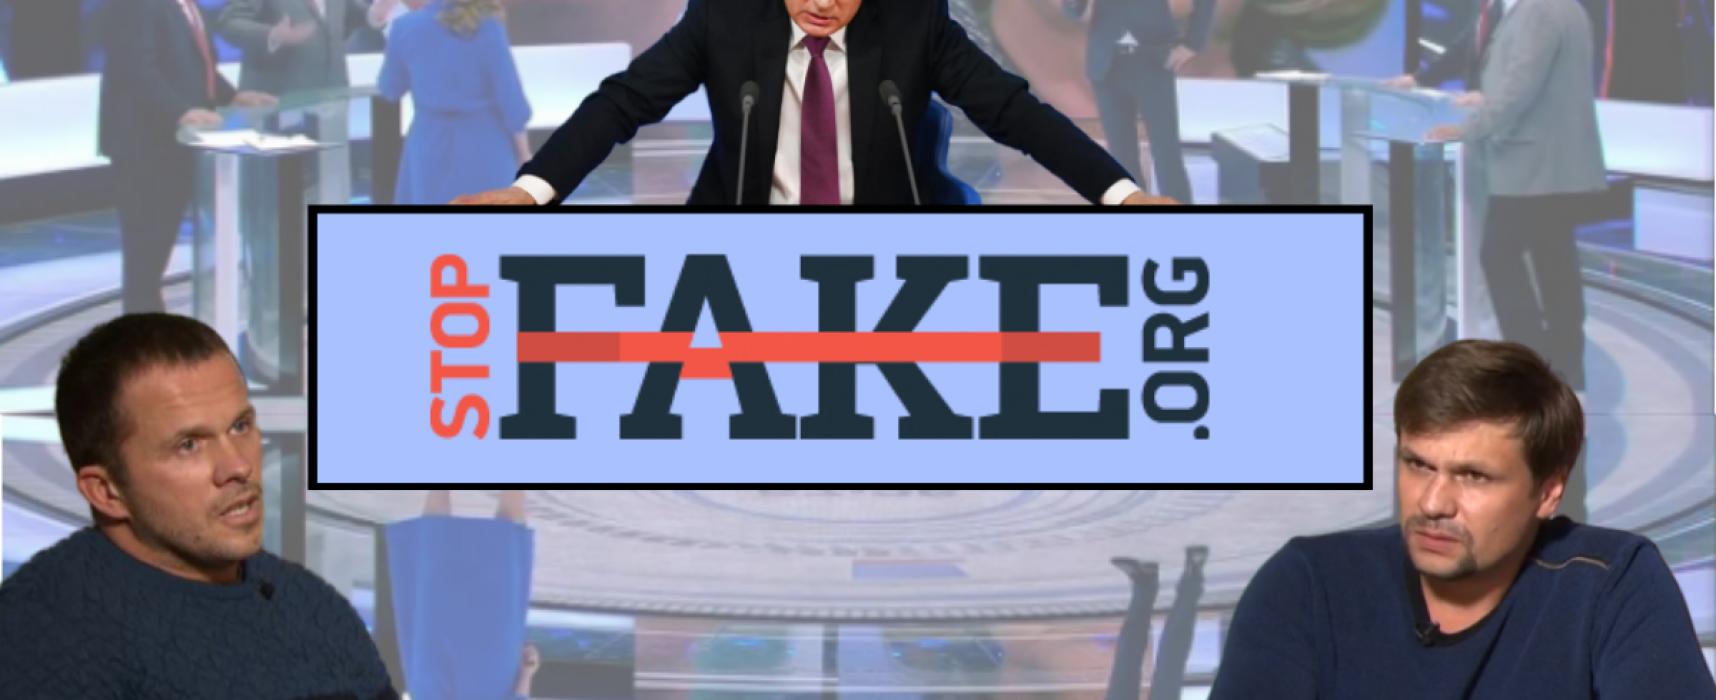 Топ-10 фейков, которые развенчал StopFake в 2018 году